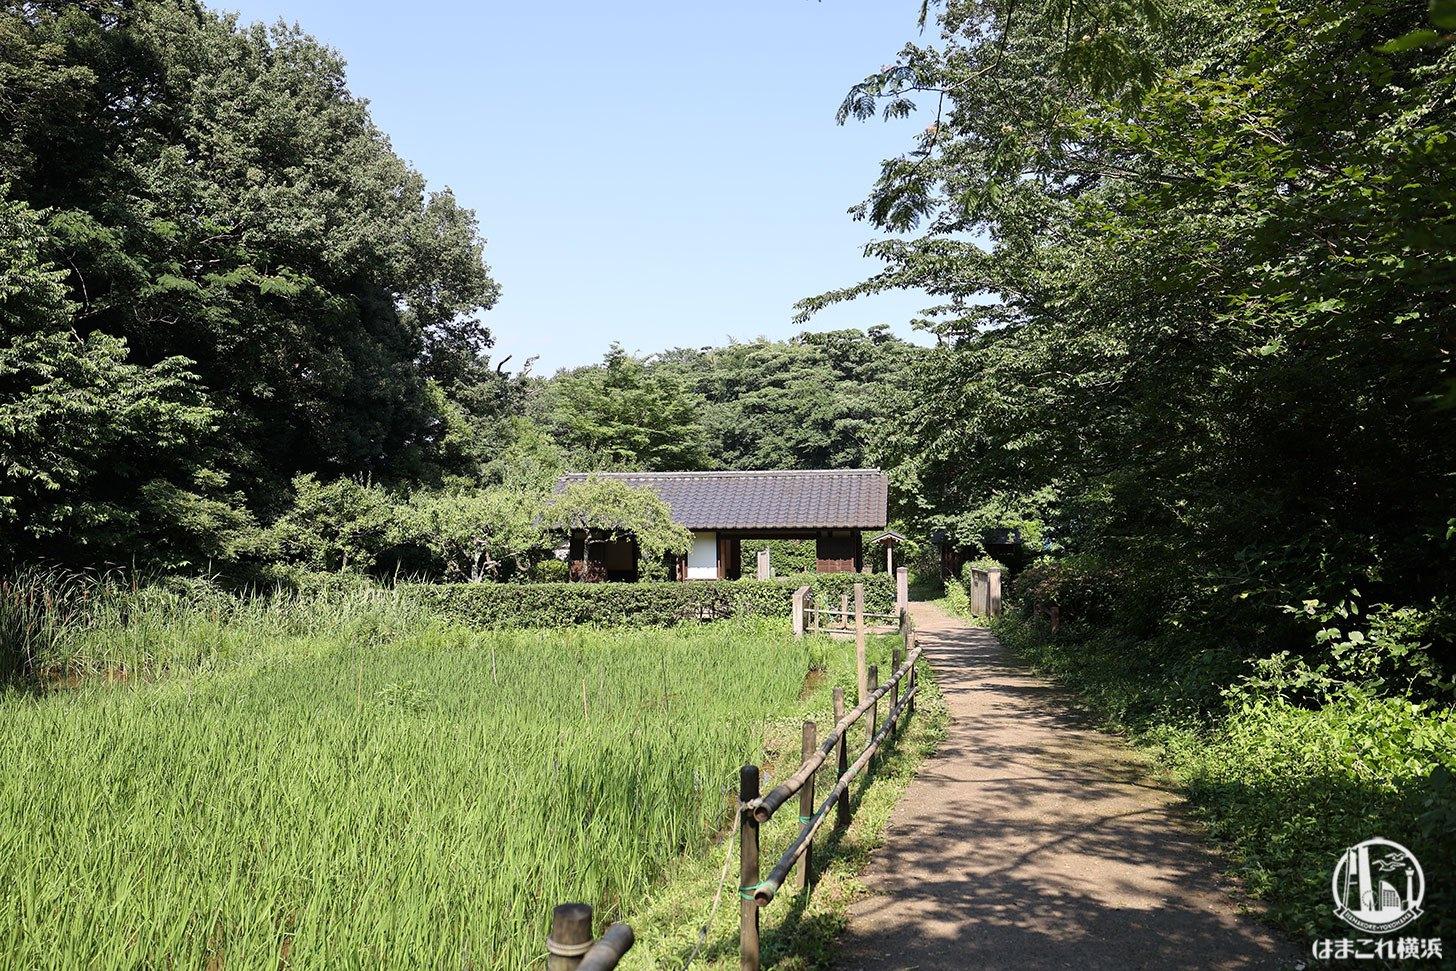 舞岡公園で森林浴!横浜で田園風景に癒されながら自然に触れたり生きもの見たり